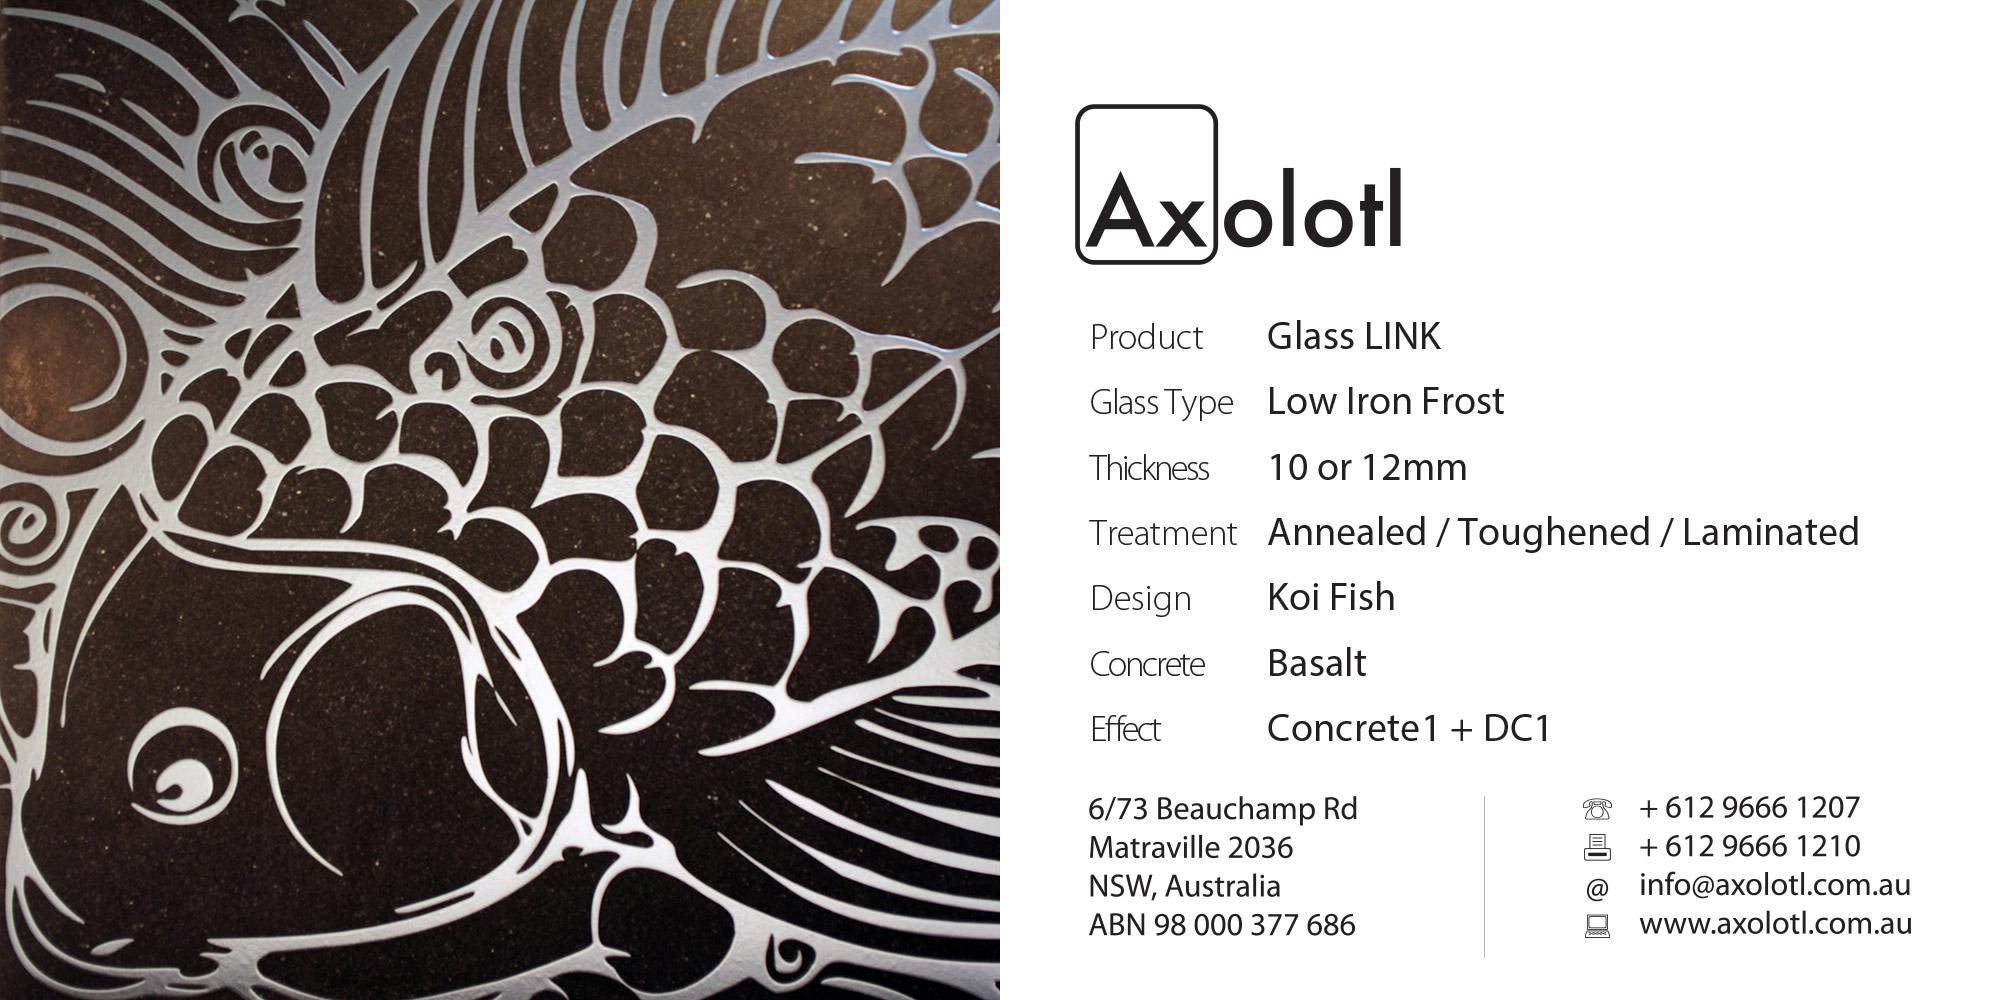 Axolotl_GlassLINK_Basalt_KoiFish.jpg